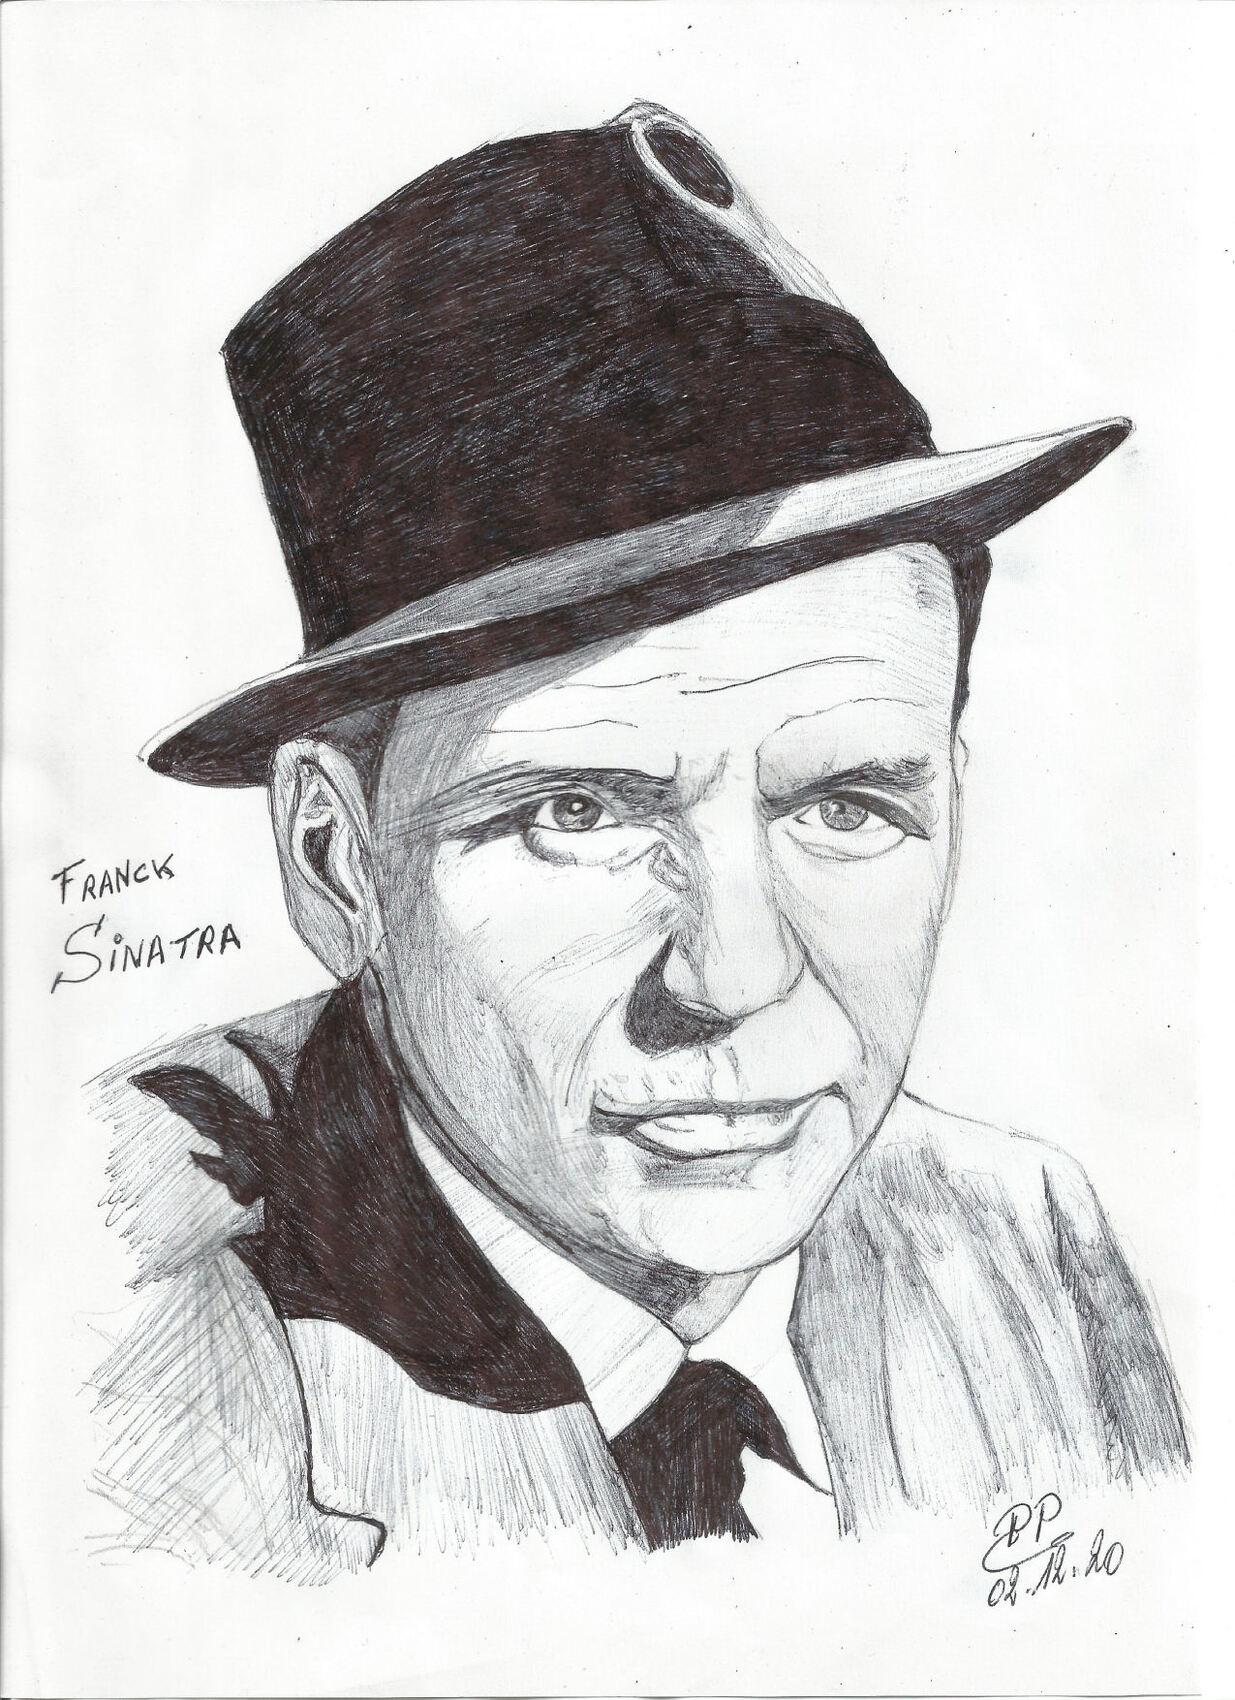 Franck Sinatra